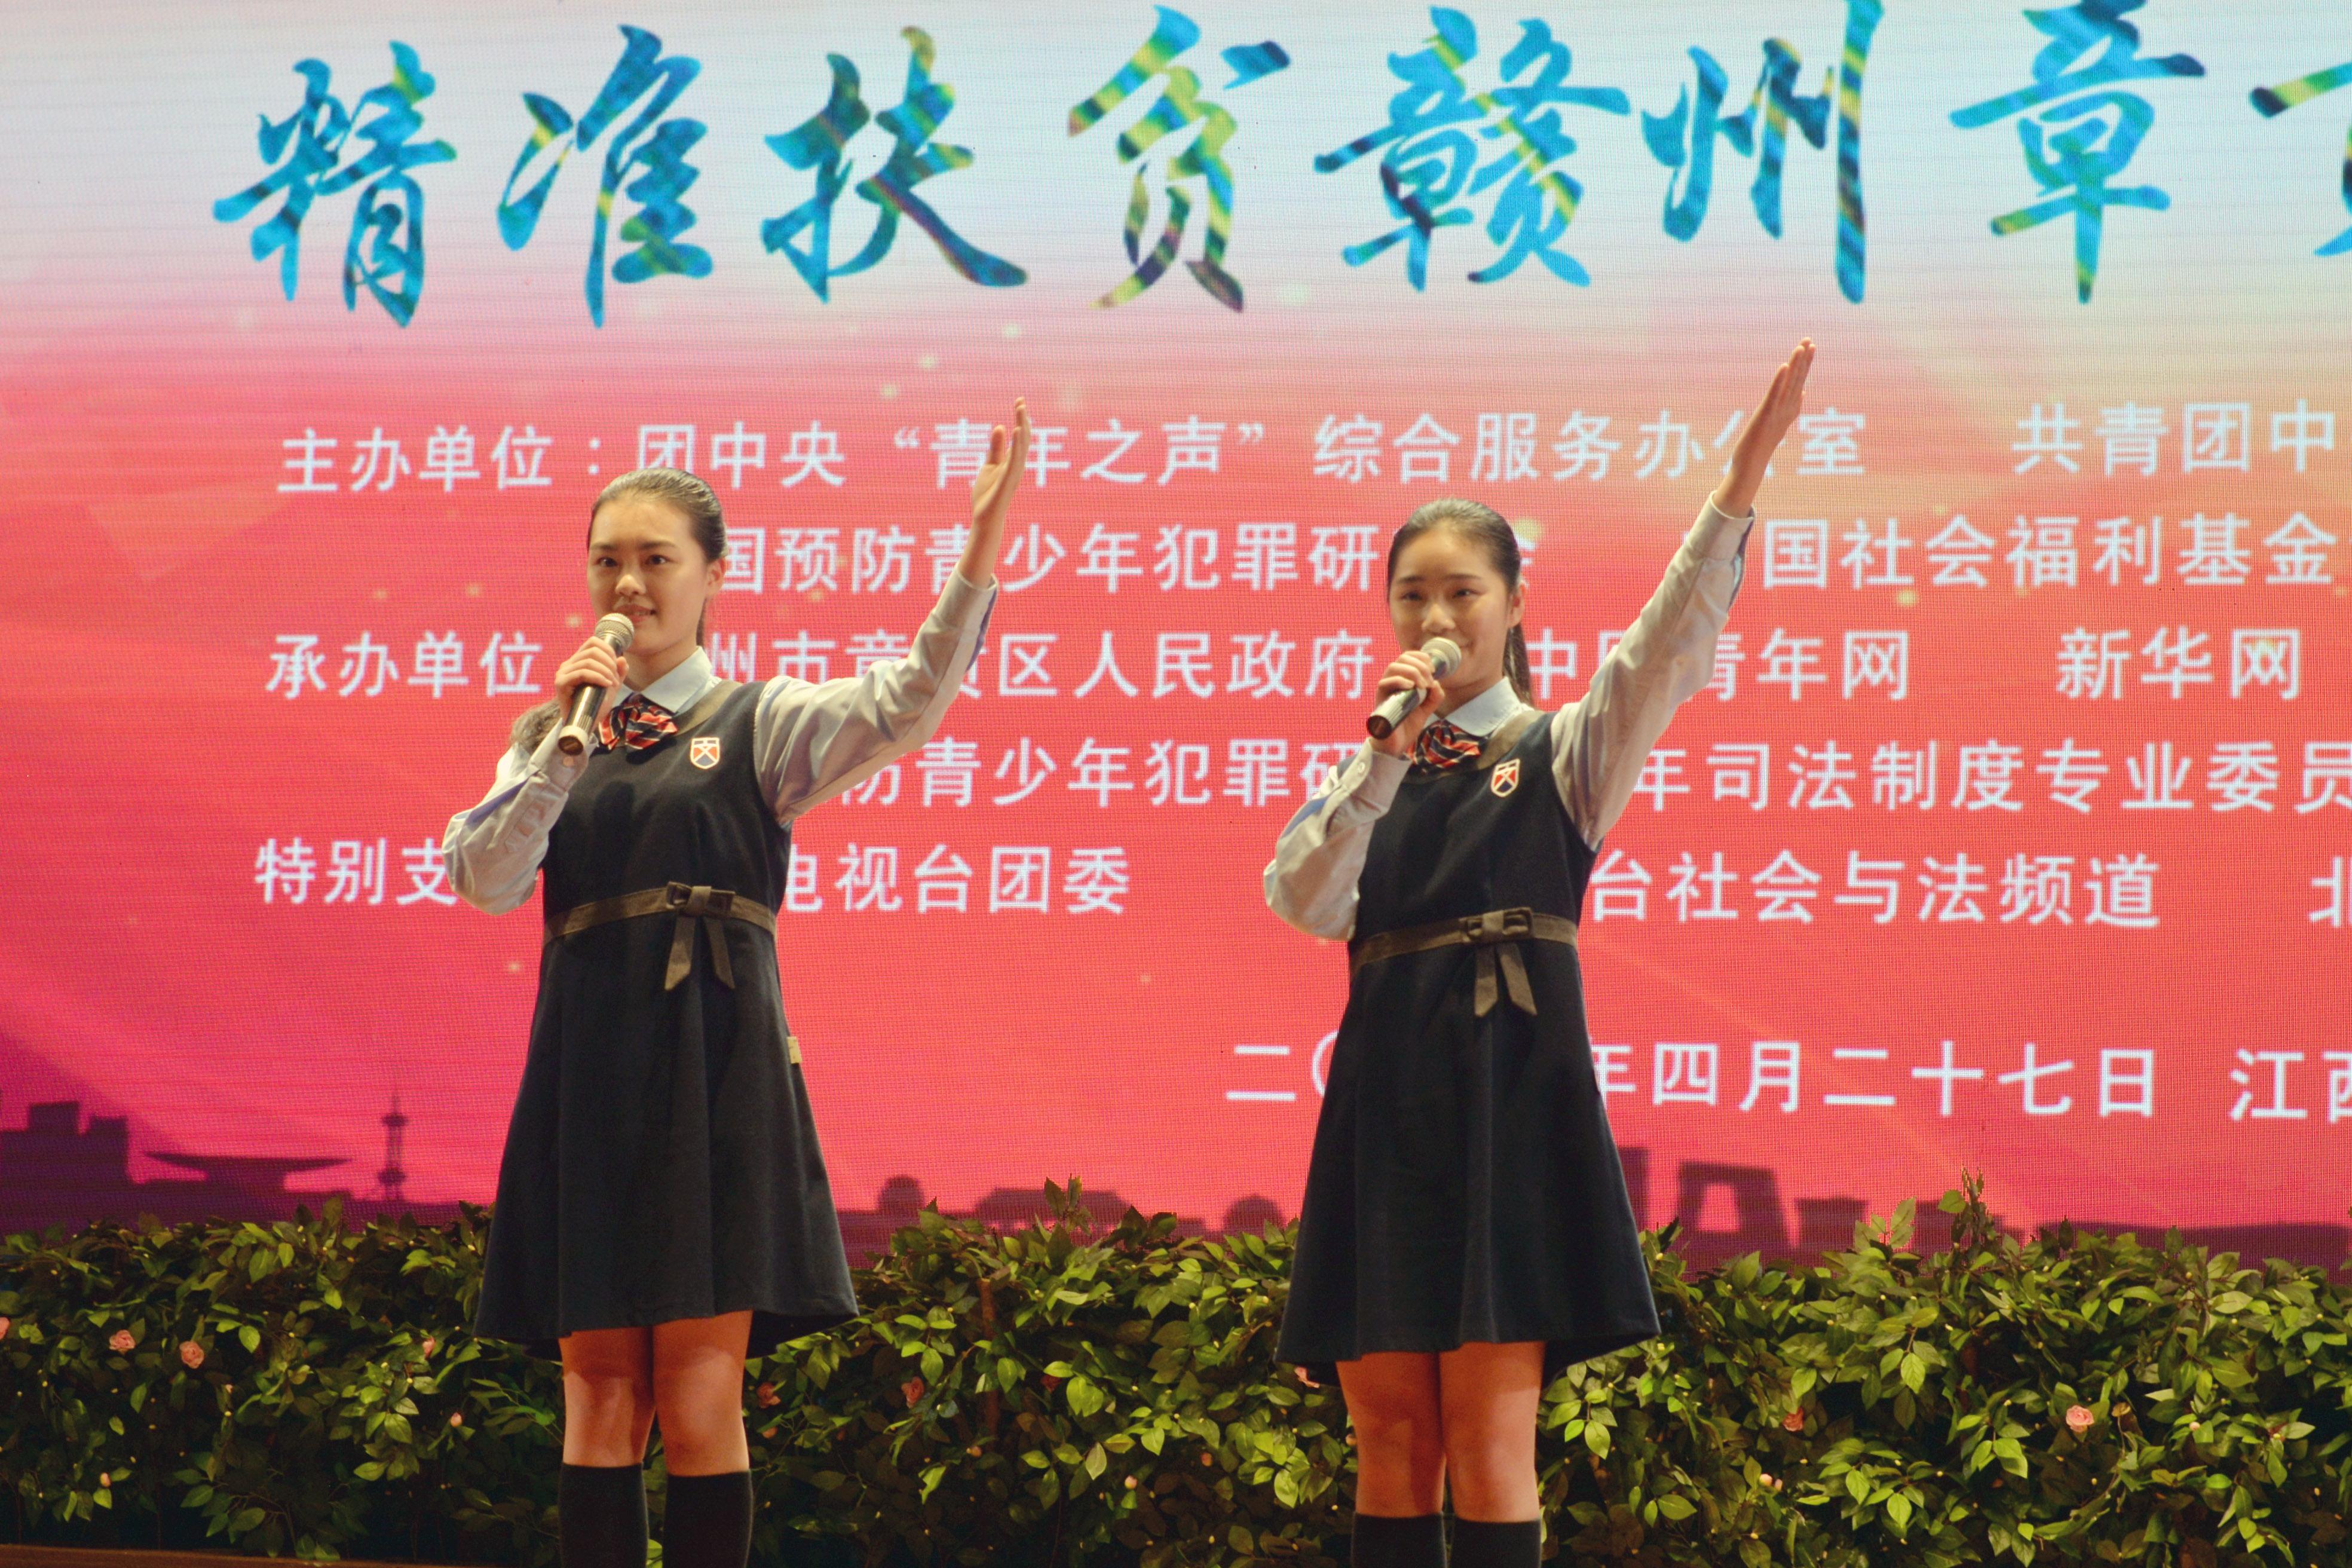 12赣州市文清外国语学校国际班的刘文清、谢芳同学倡议.JPG